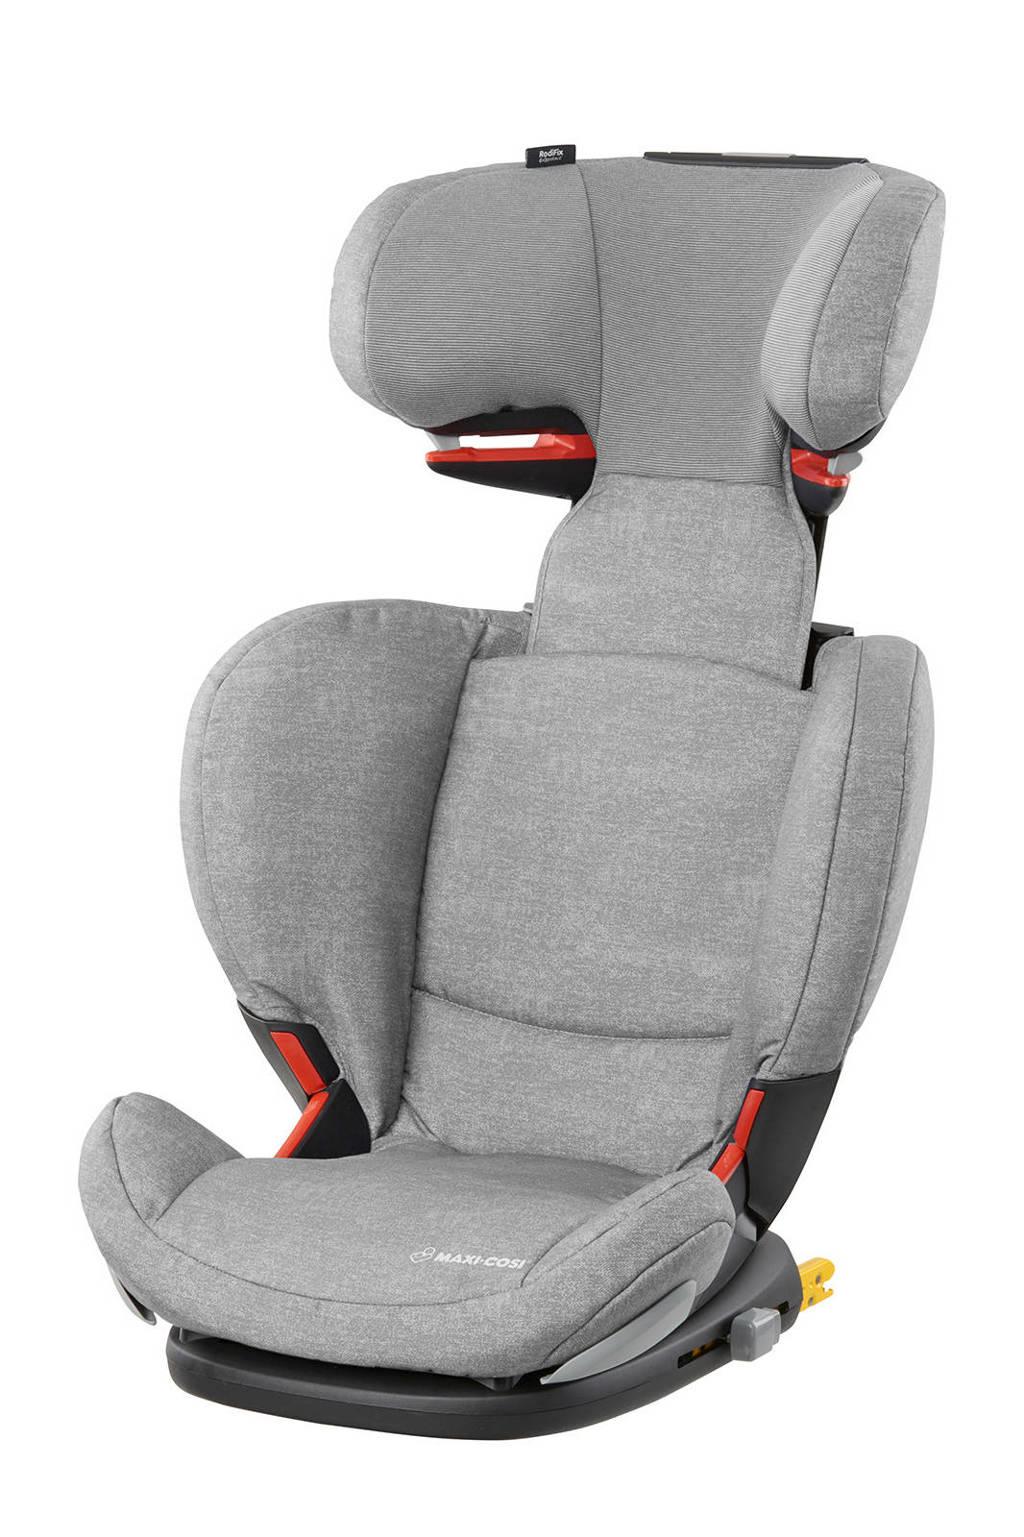 Maxi-Cosi Rodifix Air Protect autostoel, Nomad Grey